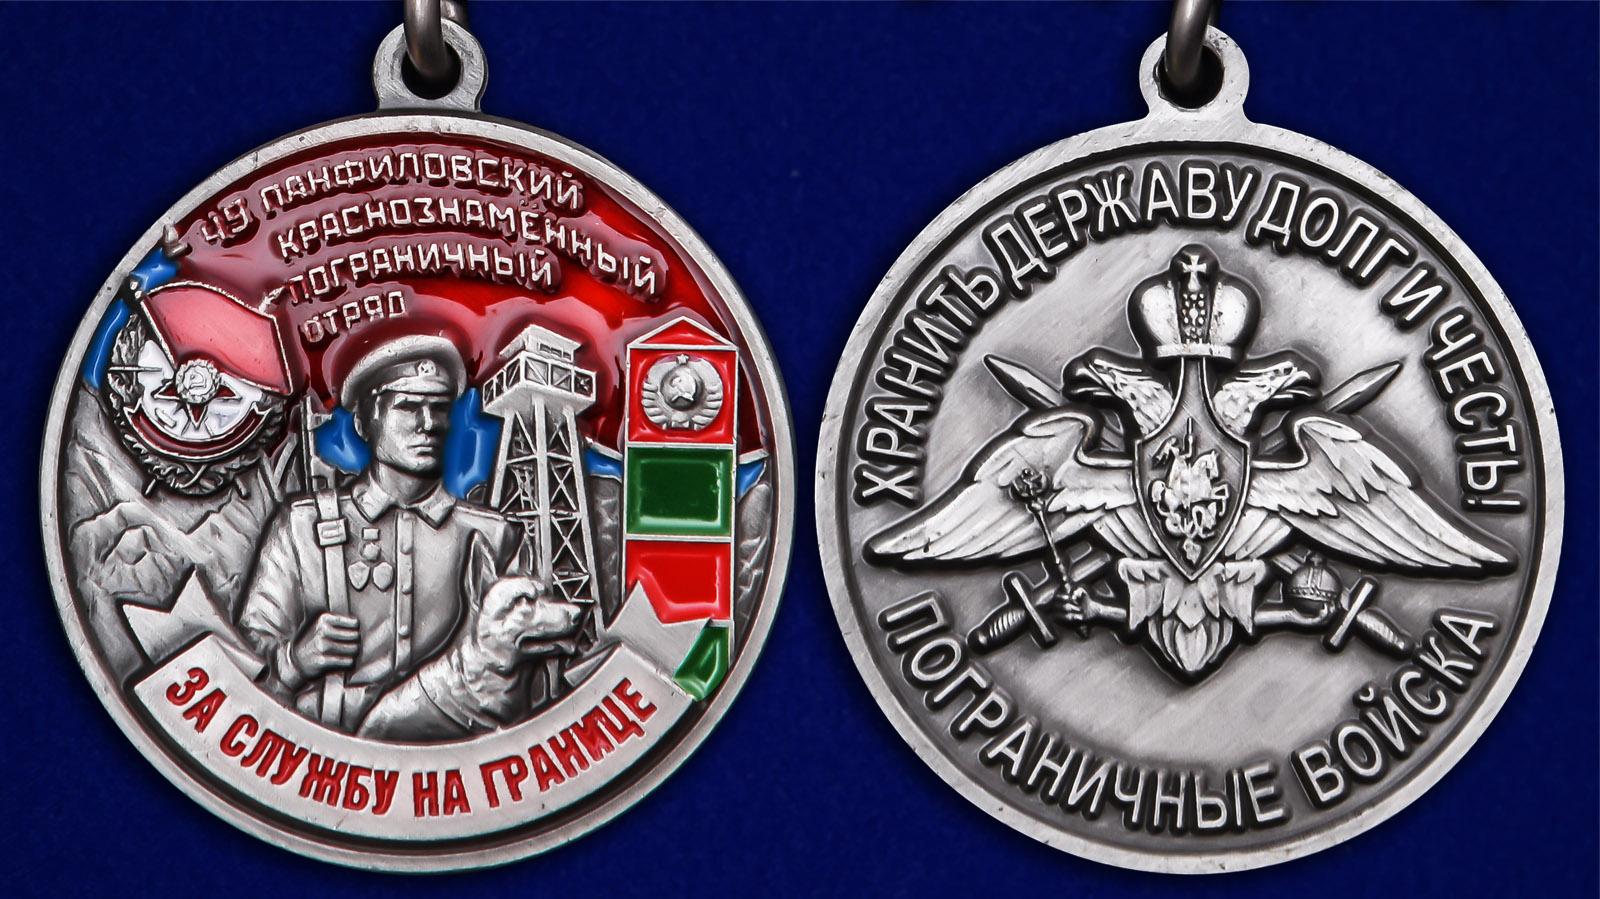 Памятная  медаль За службу на границе (49 Панфиловский ПогО) - аверс и реверс